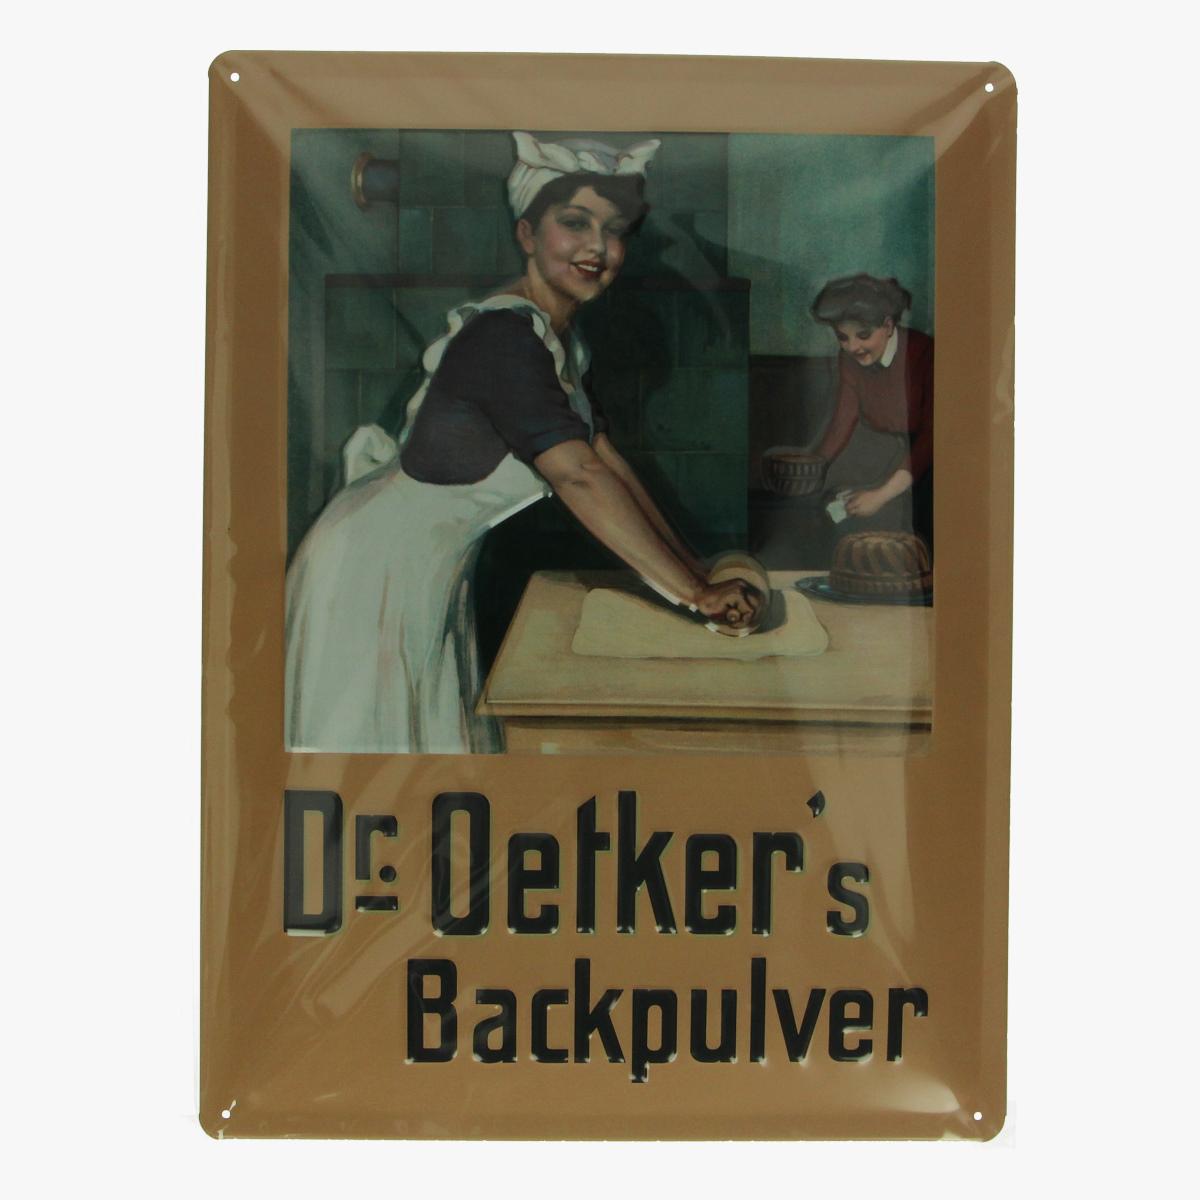 Afbeeldingen van blikken bord dr oetker's repro geseald